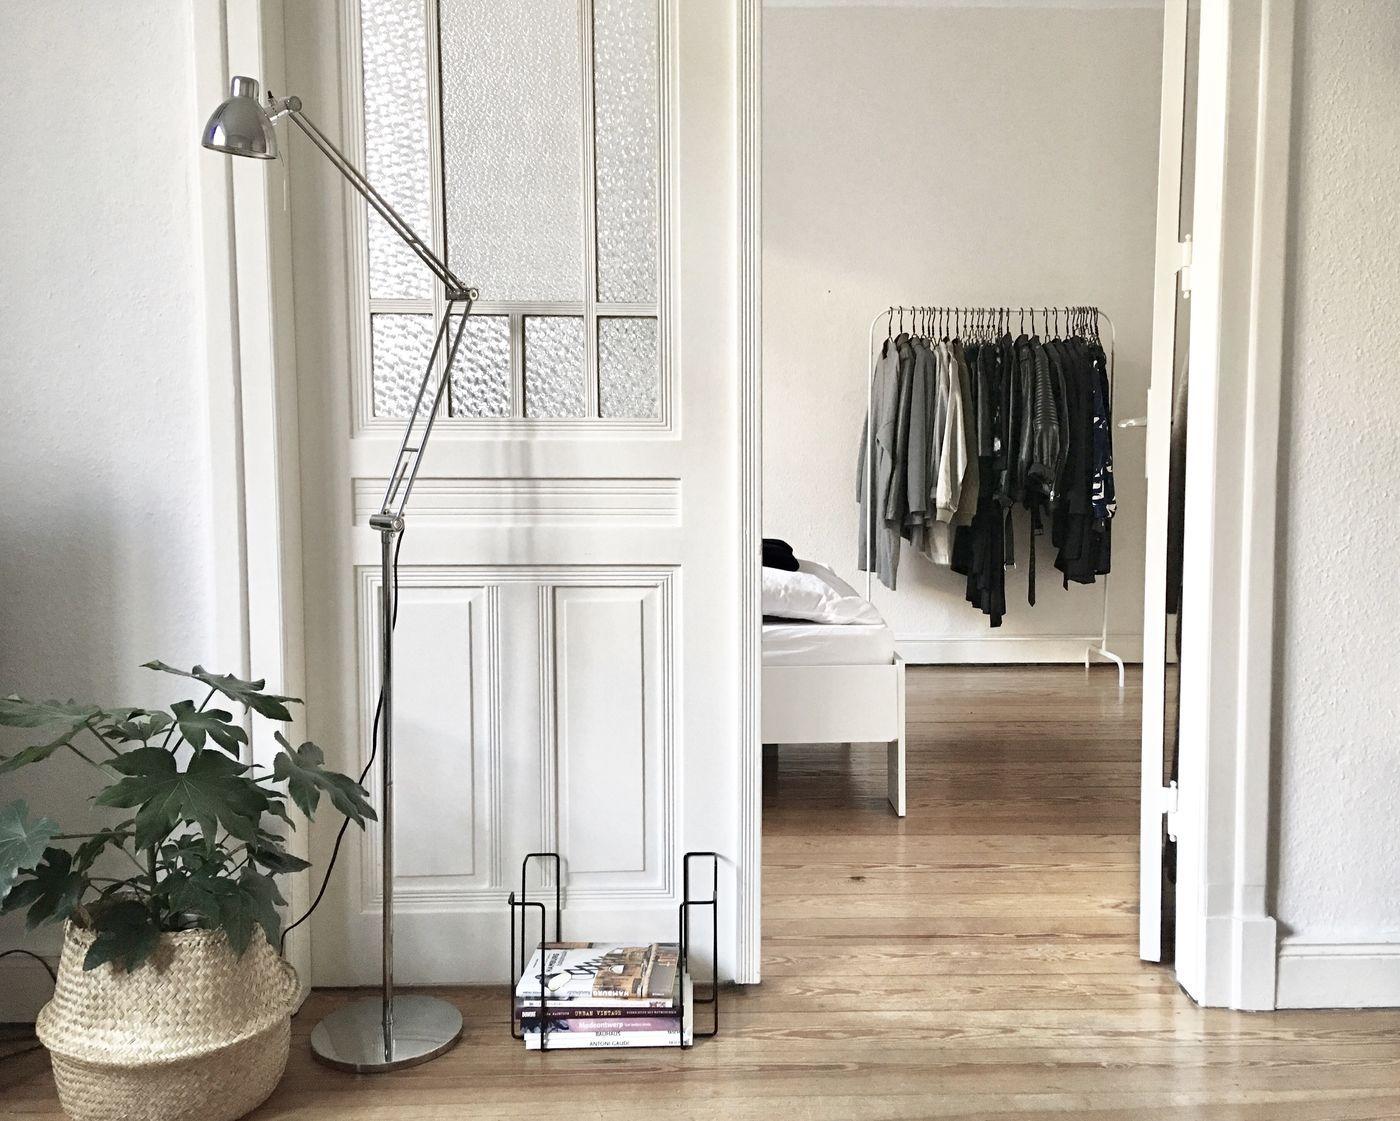 schlafzimmer ideen zum einrichten gestalten seite 16. Black Bedroom Furniture Sets. Home Design Ideas